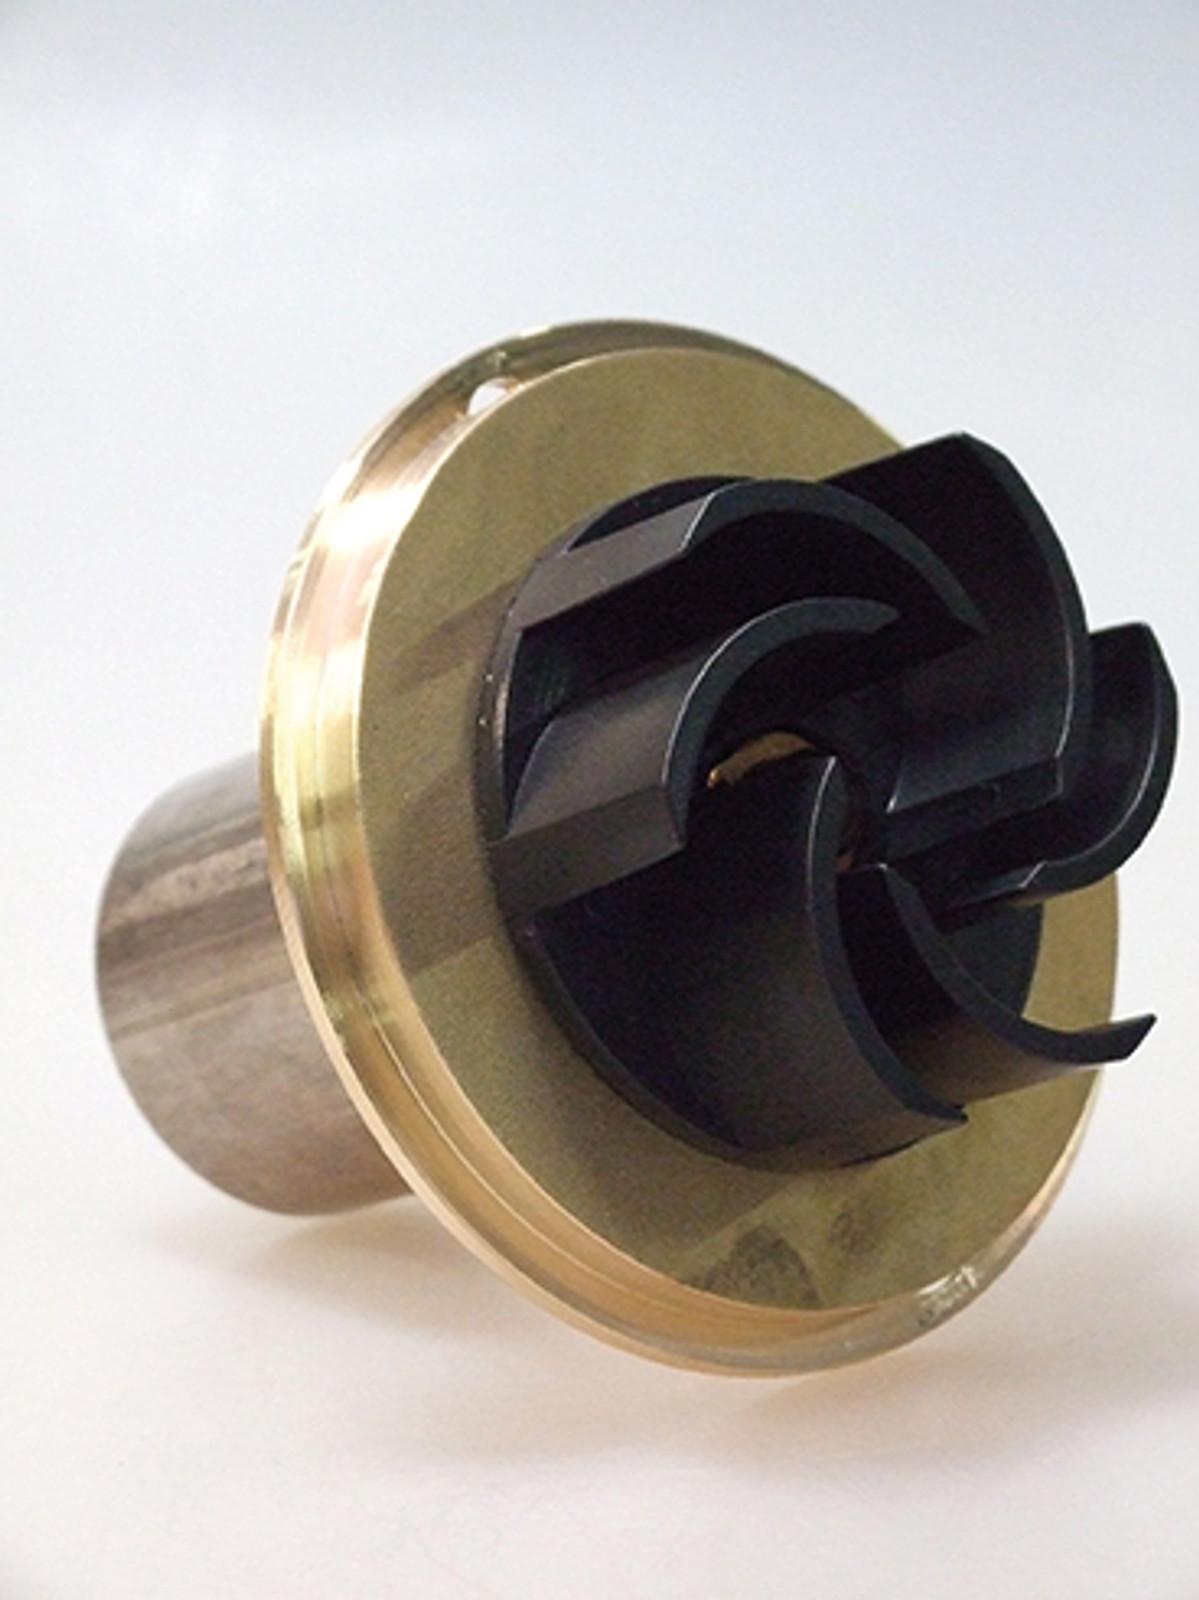 Rotoreinheiten für Perfect Pro Pumpen – Bild 2